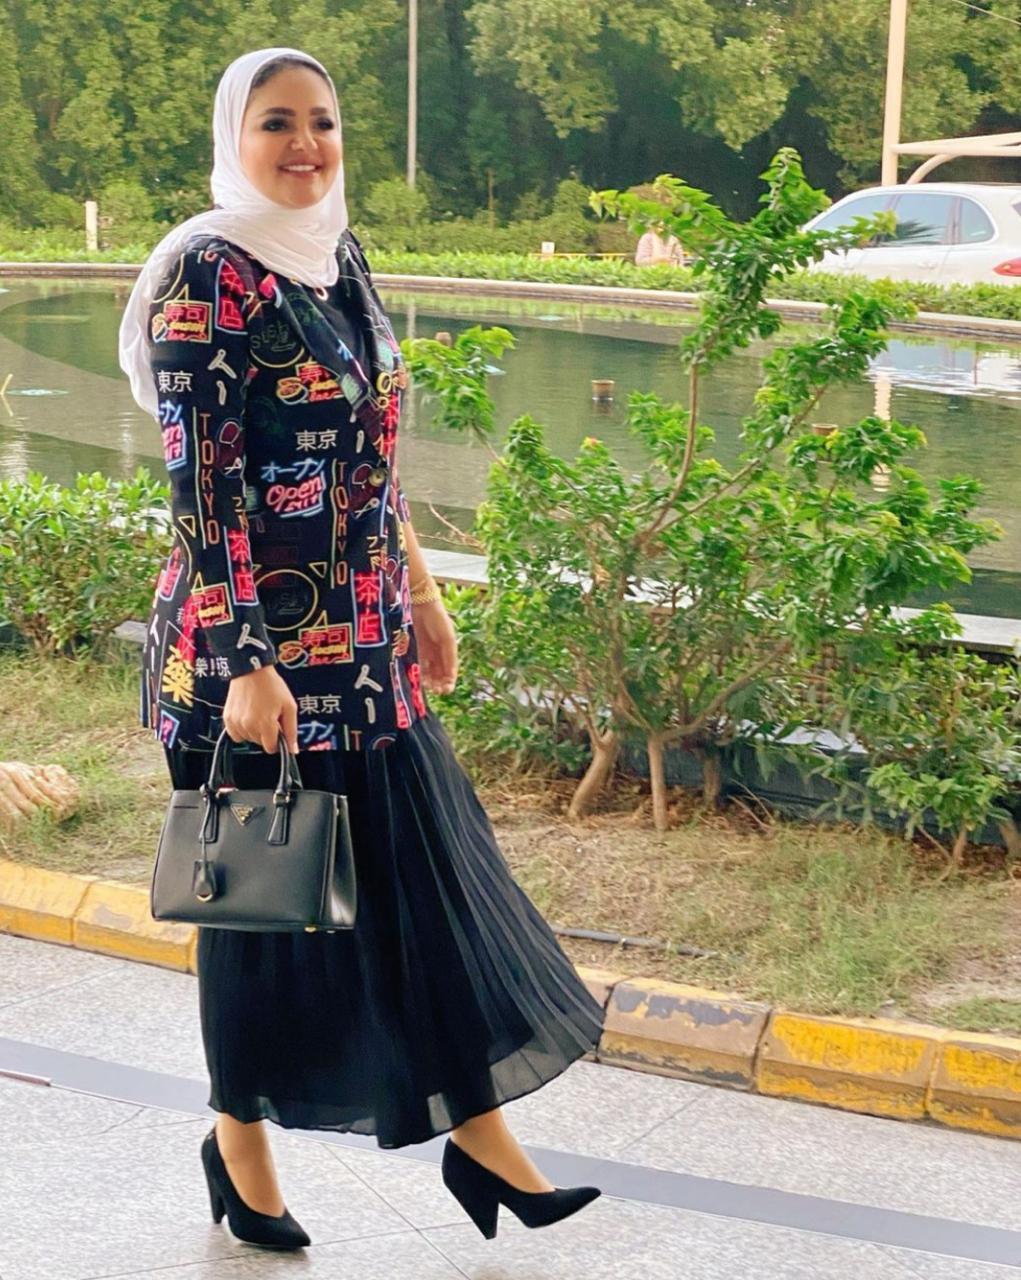 تنسيقات عملية من حبيبة العبدالله